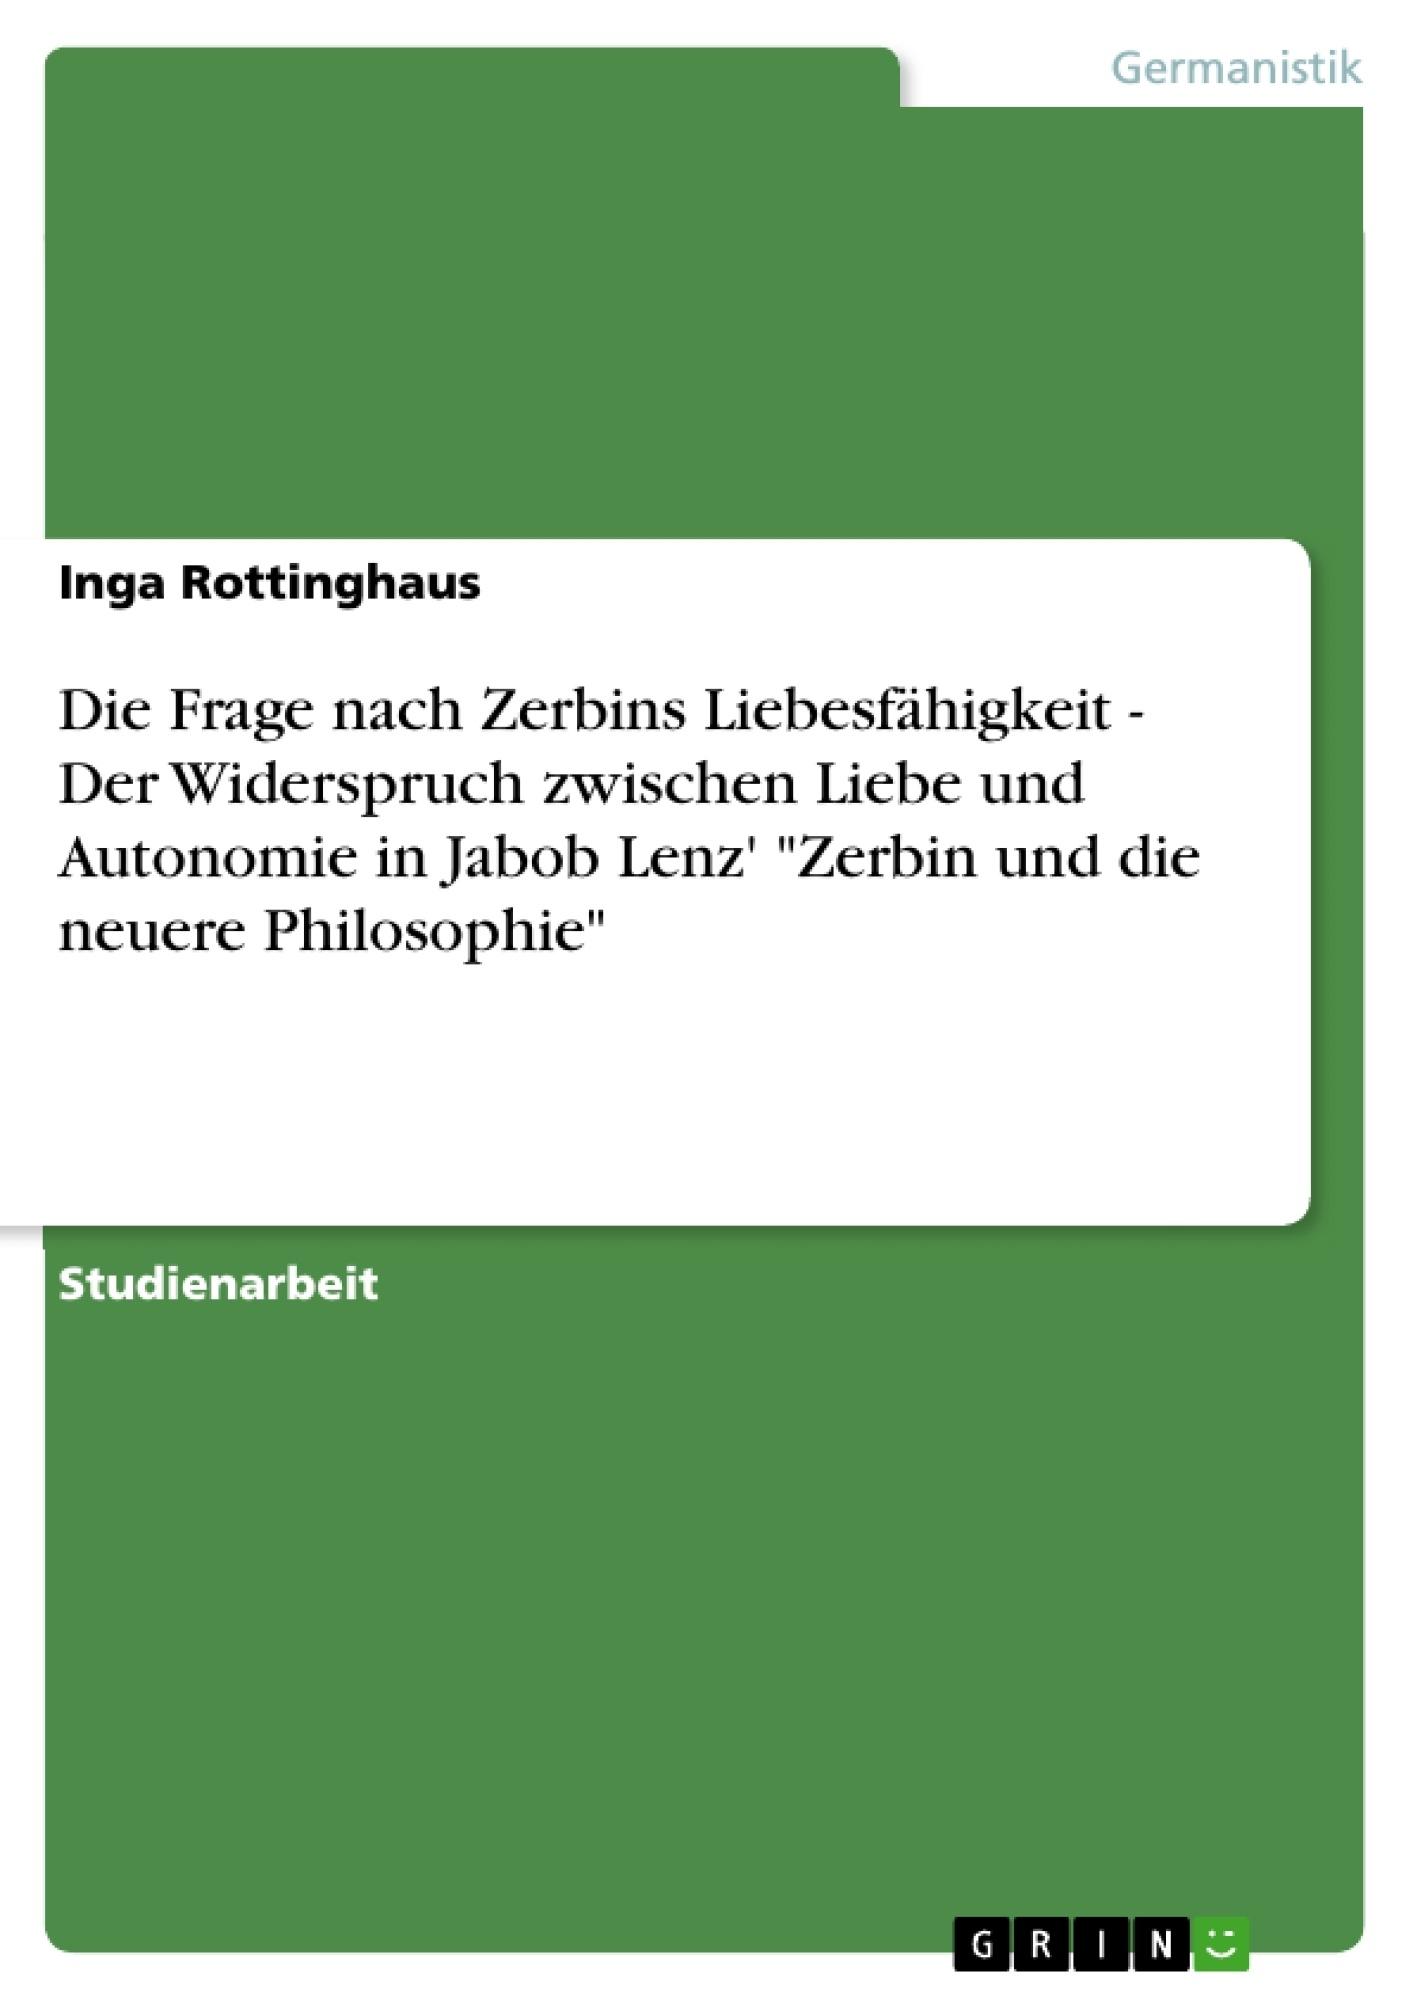 """Titel: Die Frage nach Zerbins Liebesfähigkeit - Der Widerspruch zwischen Liebe und Autonomie in Jabob Lenz' """"Zerbin und die neuere Philosophie"""""""